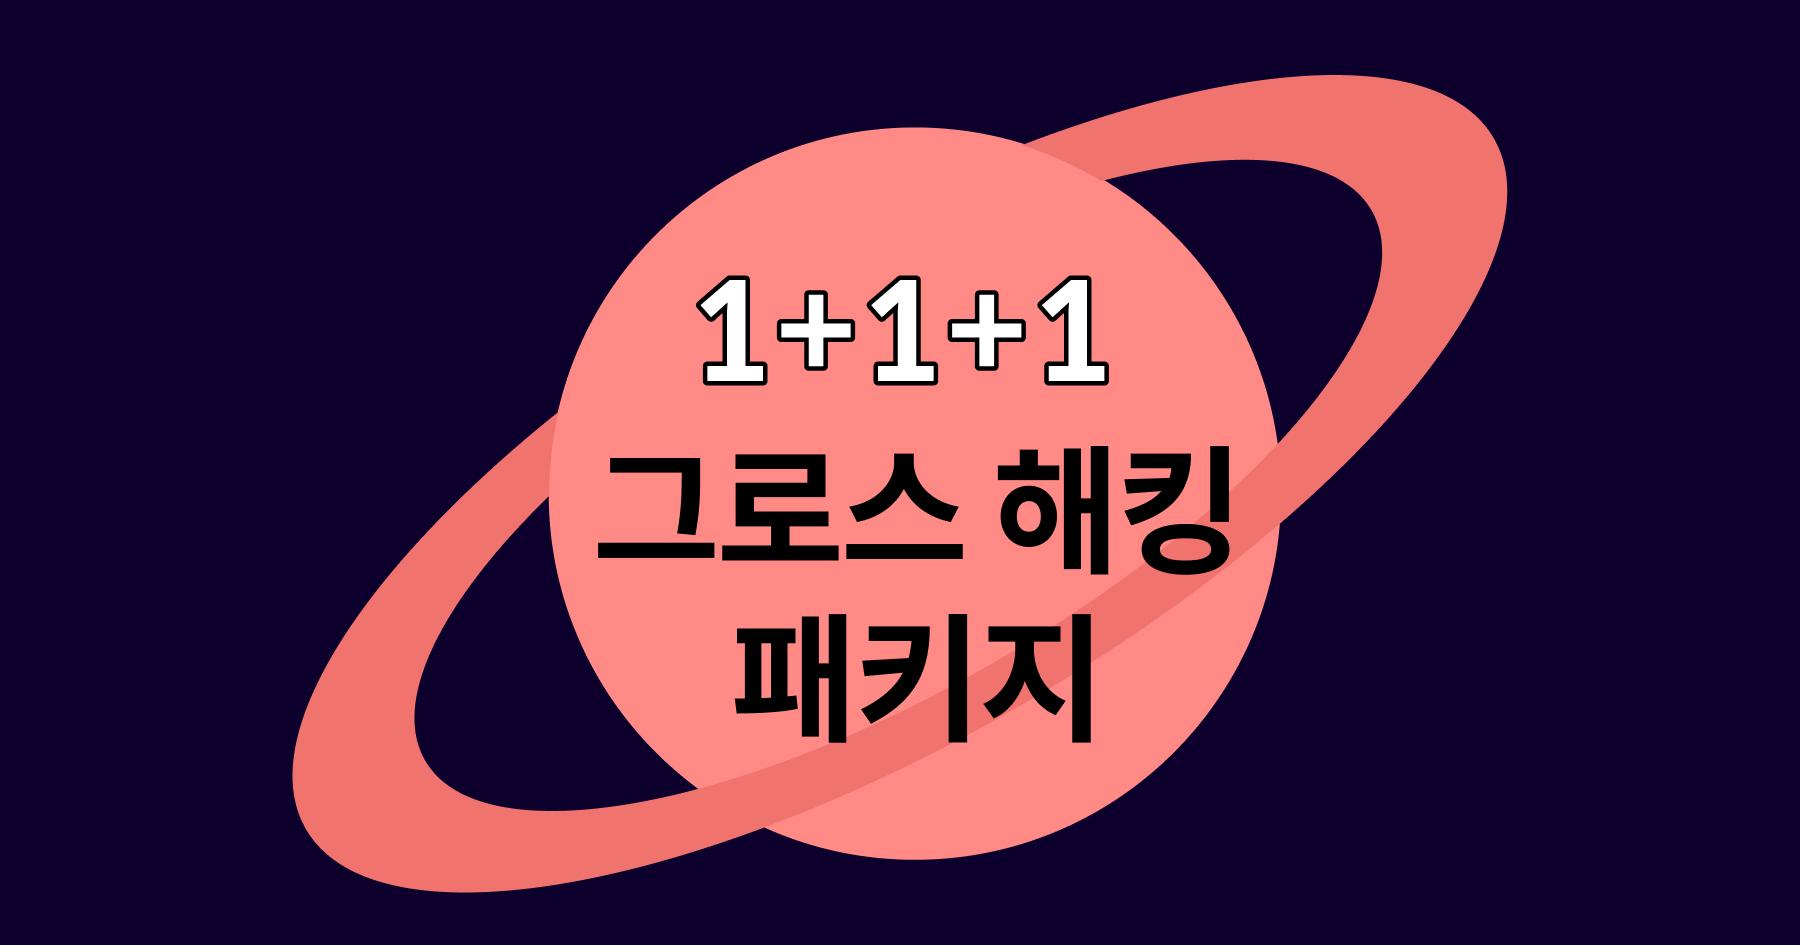 단기간에 성장하는 그로스 해킹 패키지: 김용훈, 신주혜, 양승화